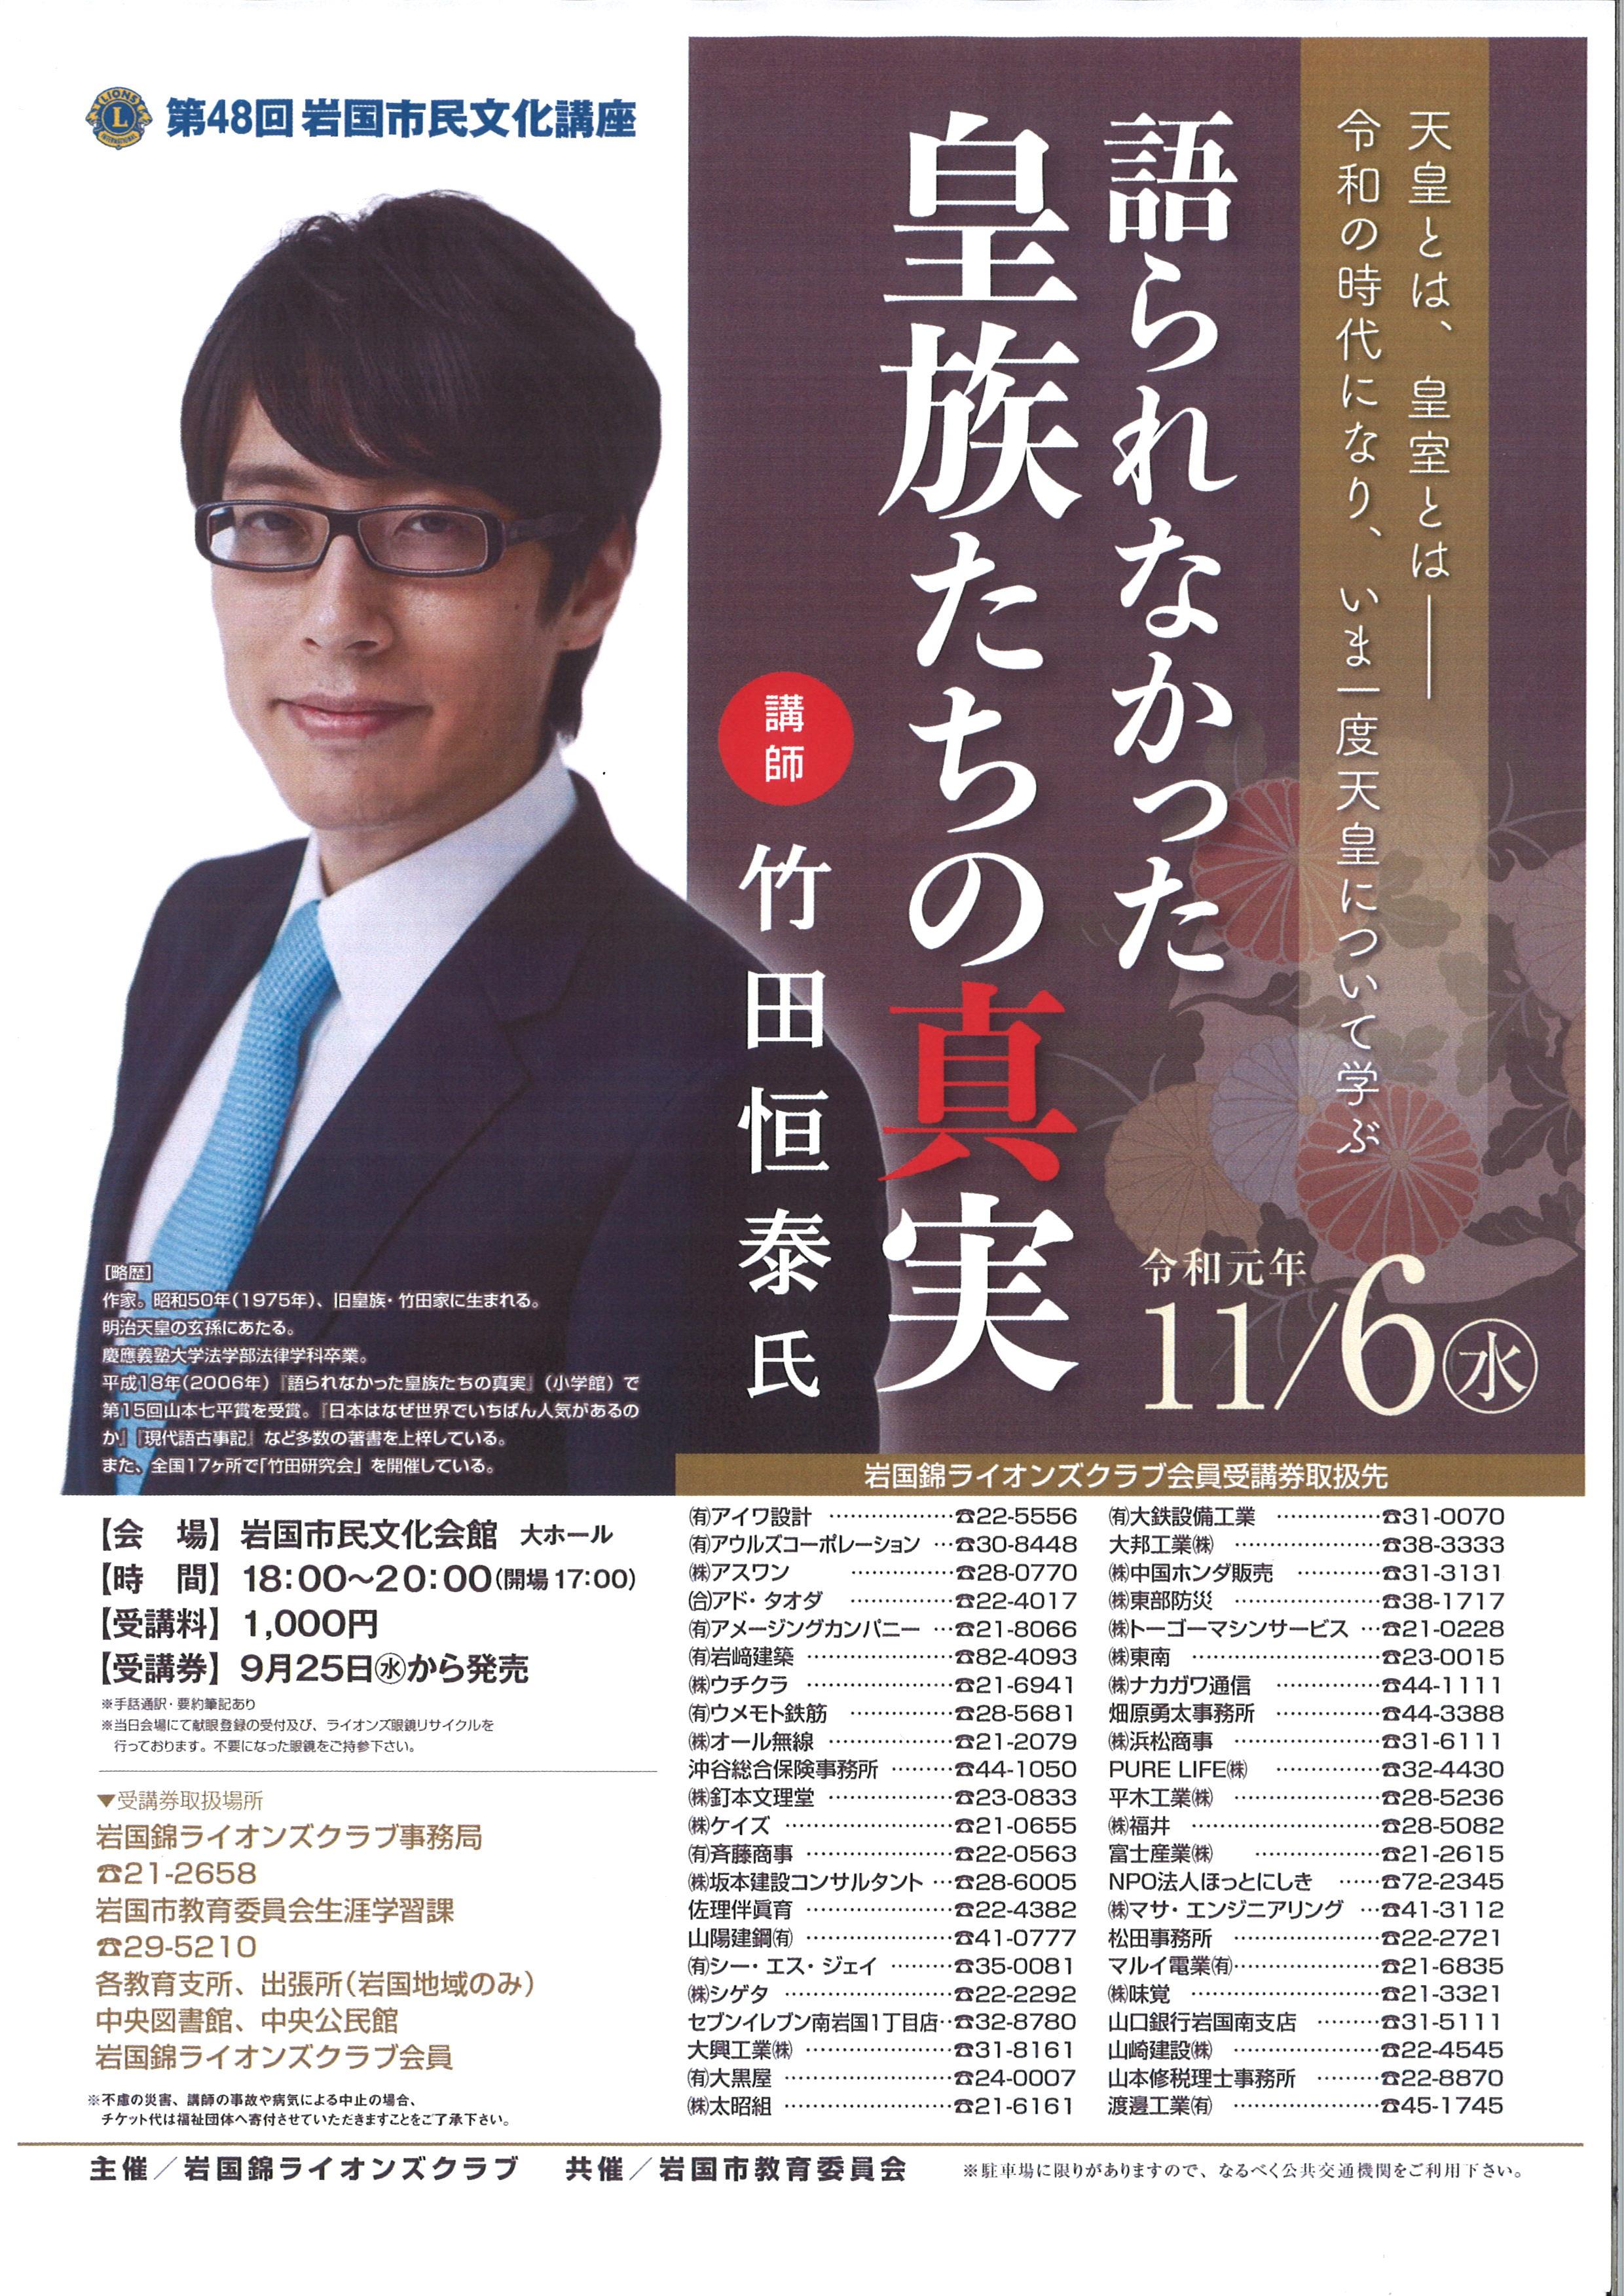 「教育委員会 主催 竹田恒泰」の画像検索結果